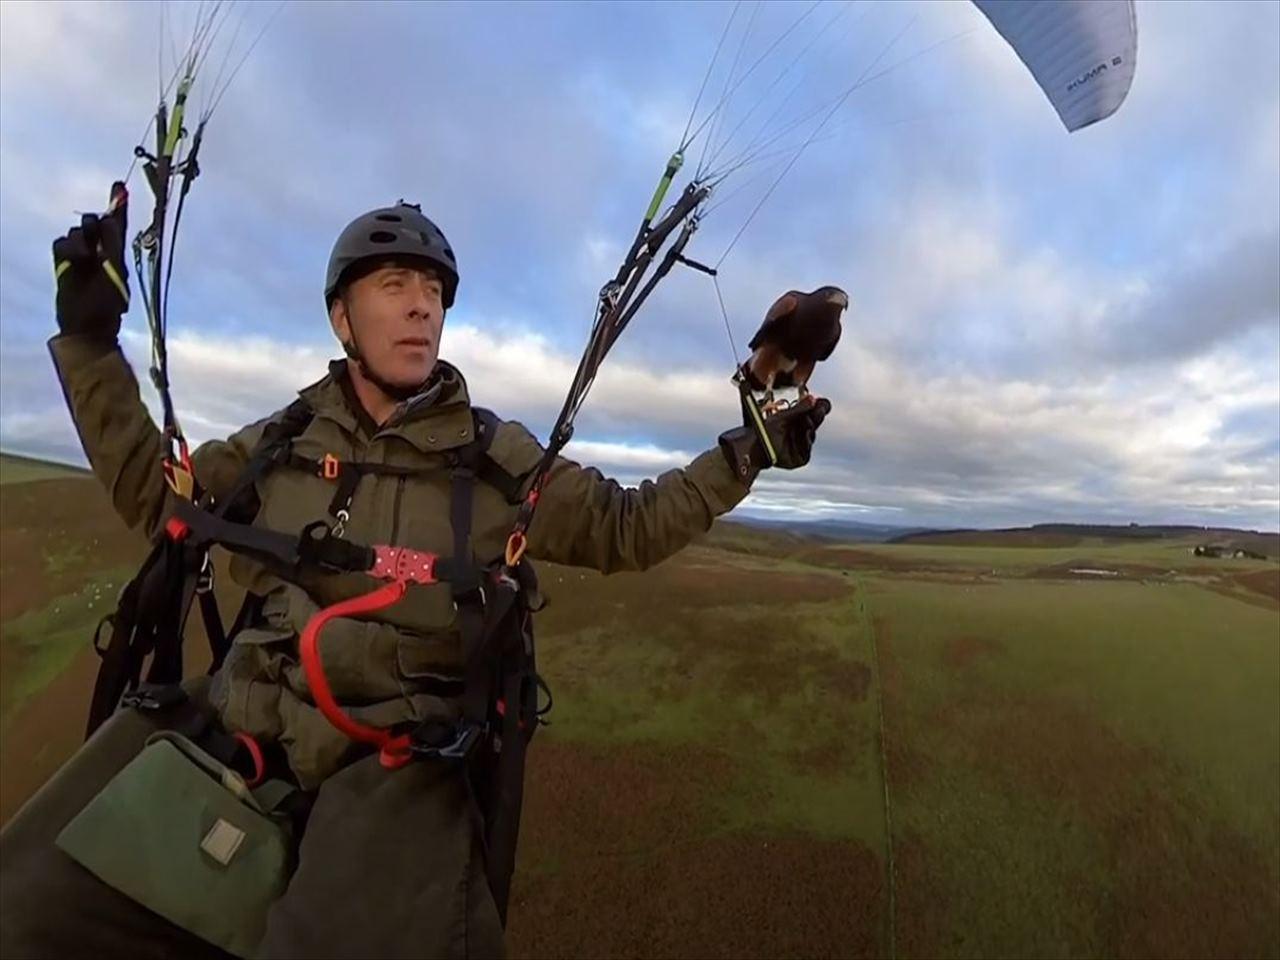 500フィート上空でパラグライダーに乗りながらタカと遊ぶ驚きの光景が話題に!